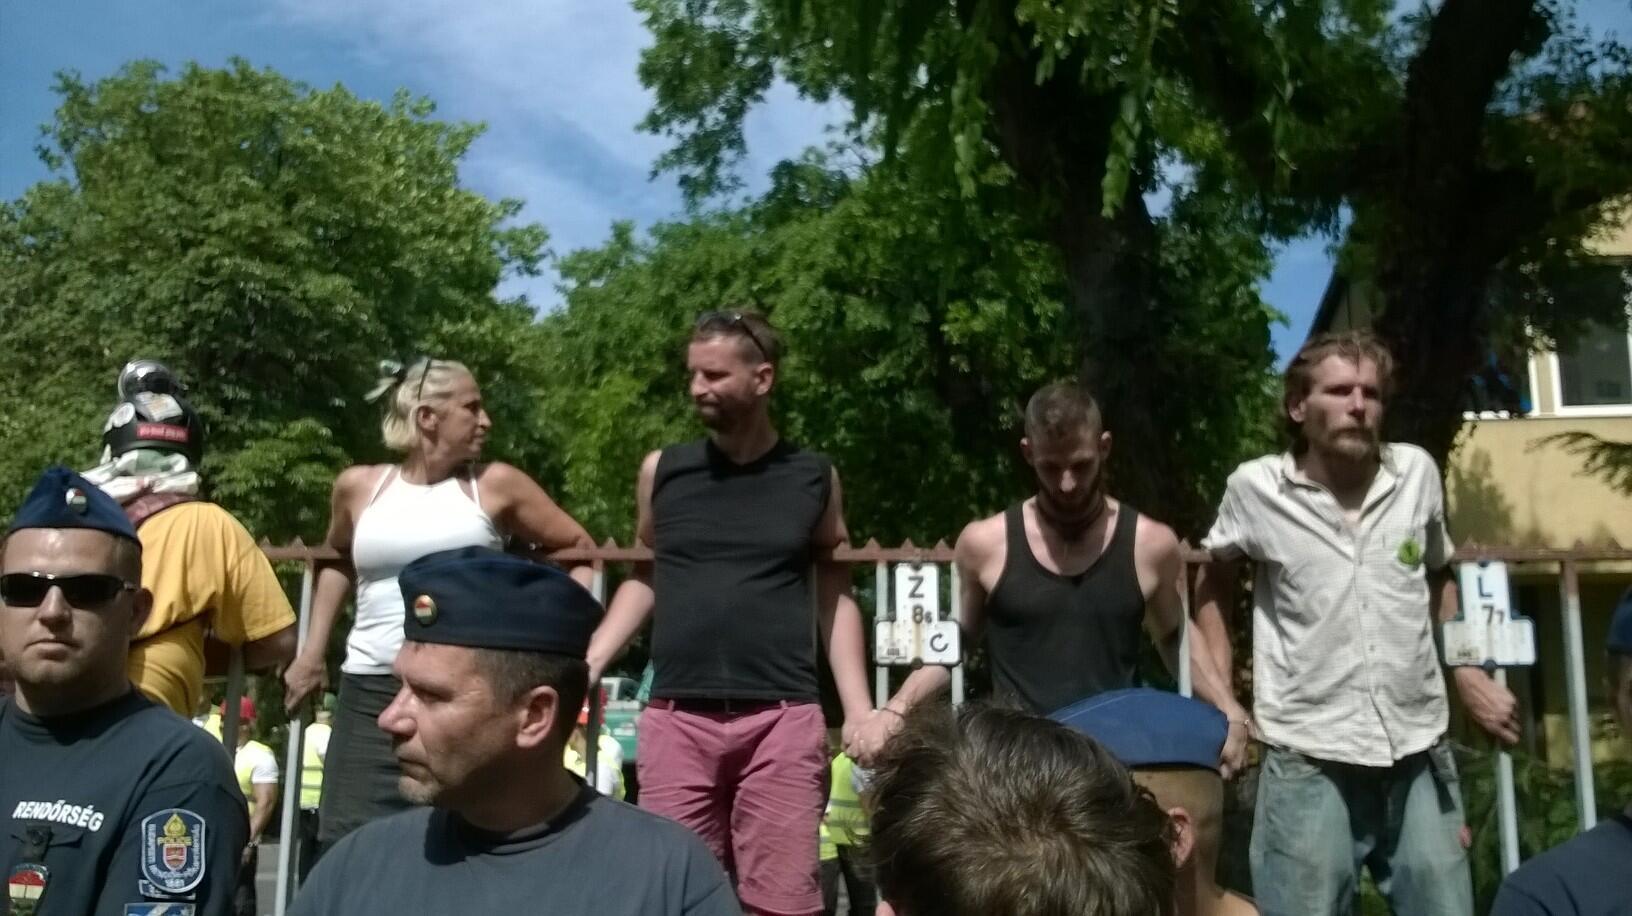 Manifestation du 6 juillet 2016 pour défendre le Varosliget, le «bois de la ville».